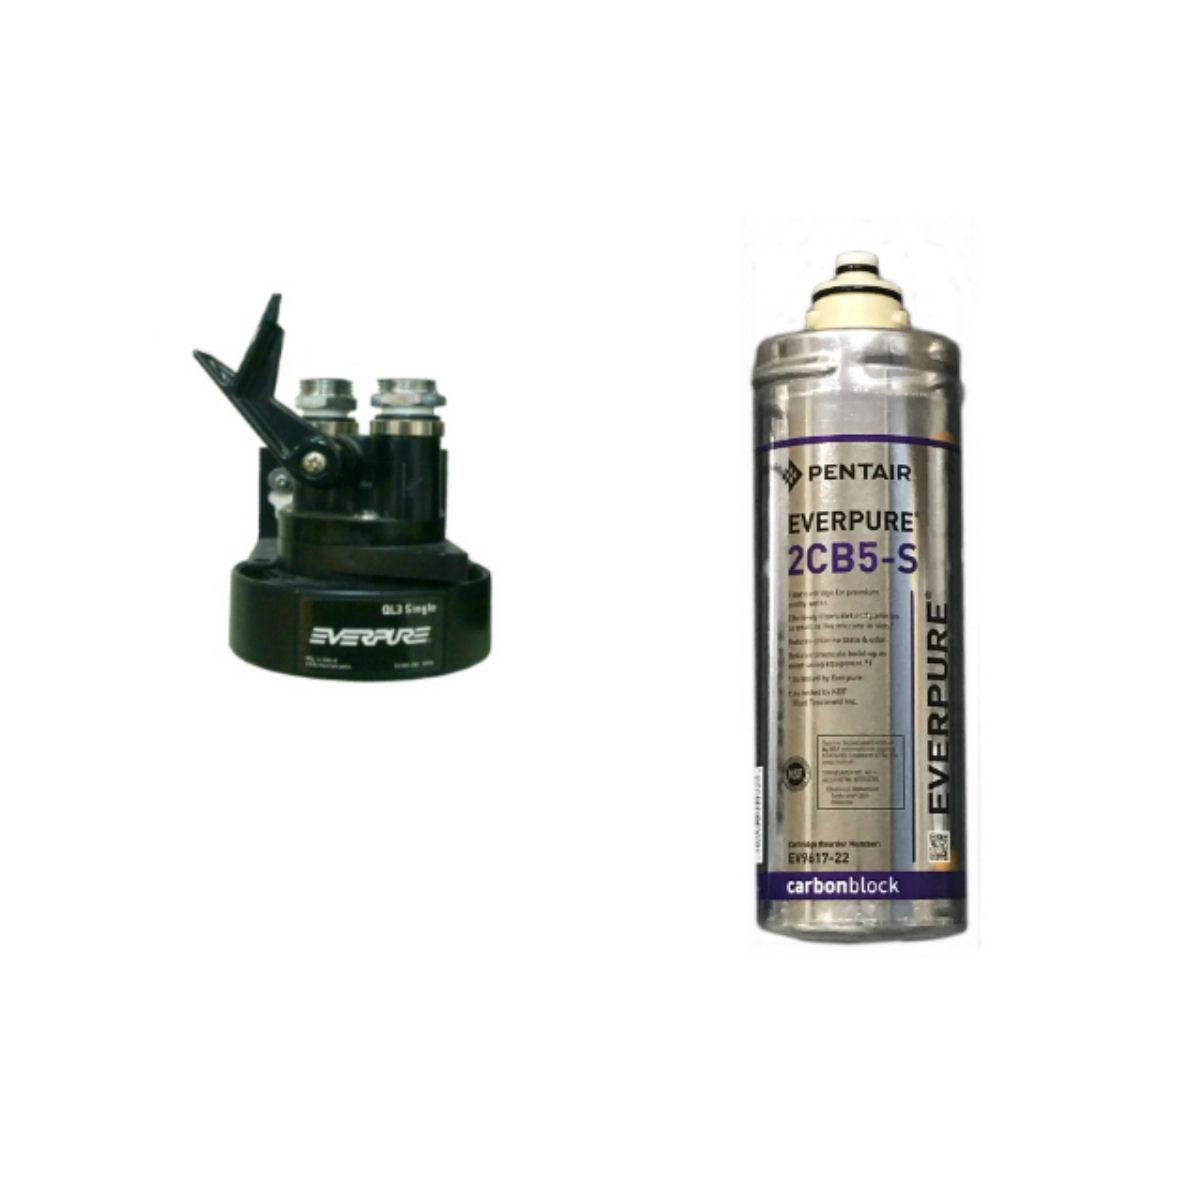 【新規設置仕様】エバーピュア浄水器QL3-2CB5-S